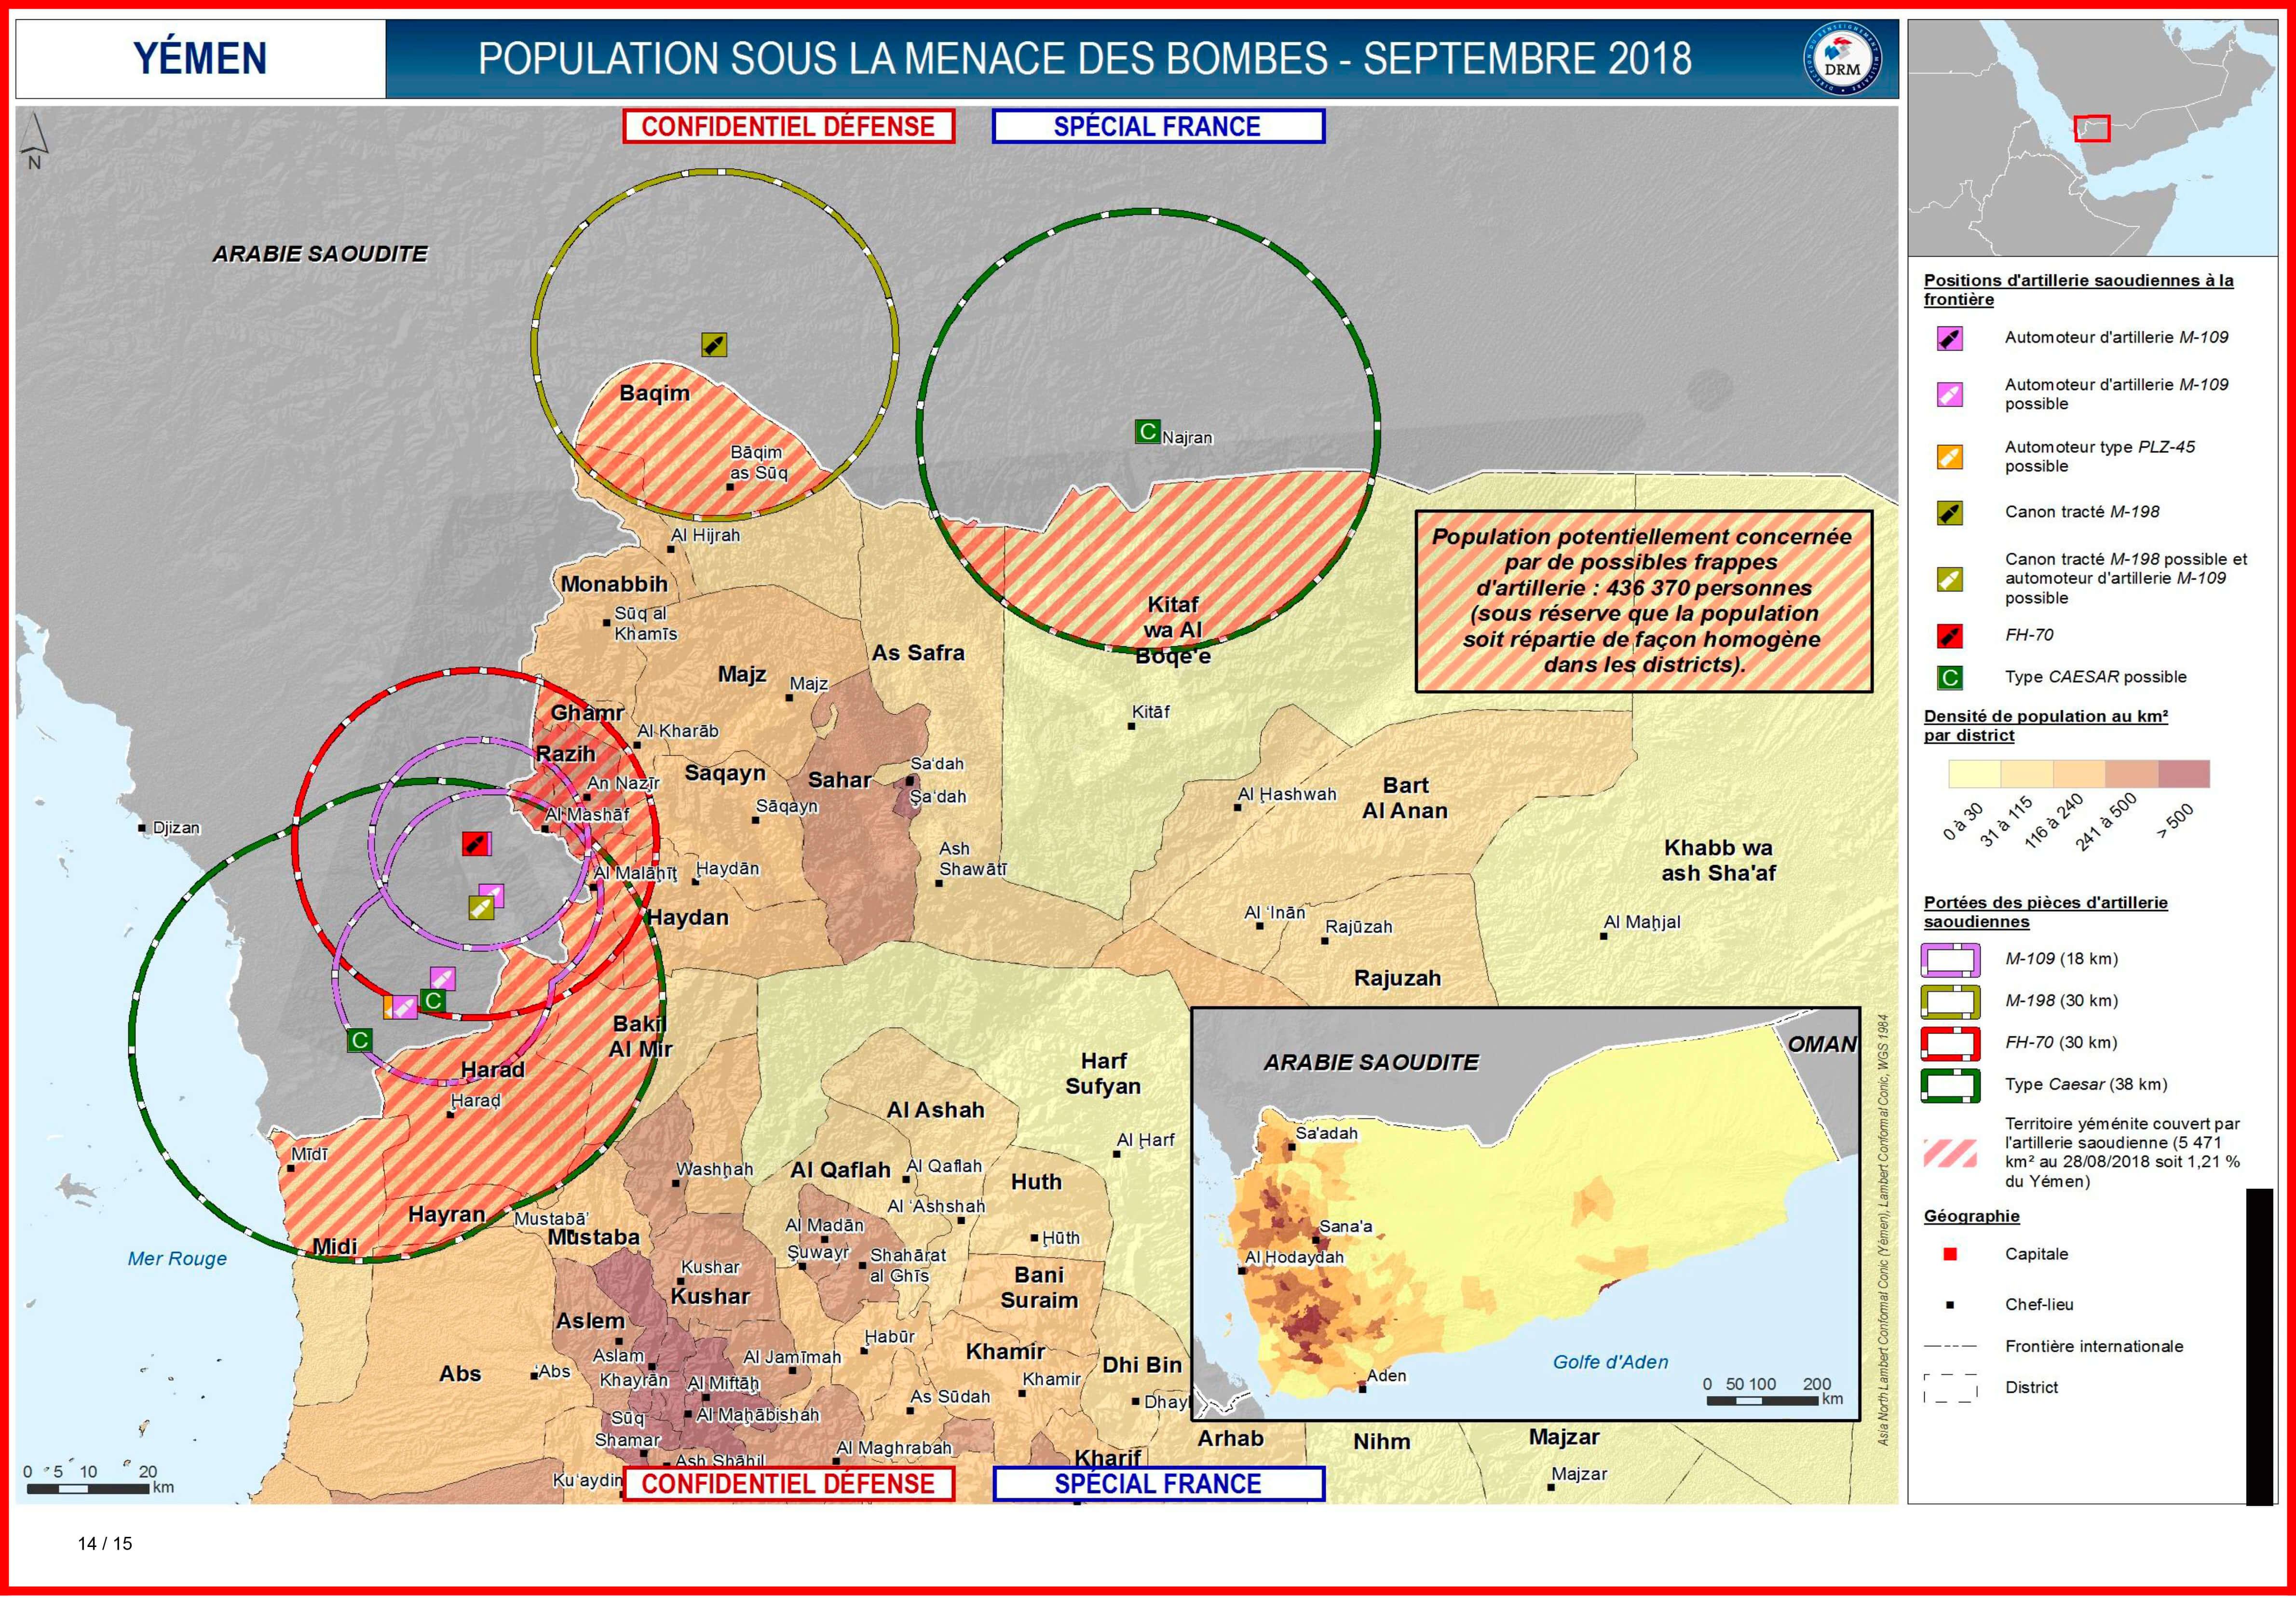 436.370 مدني مُعرّضُ لضربات الأسلحة الفرنسية حسب التقرير